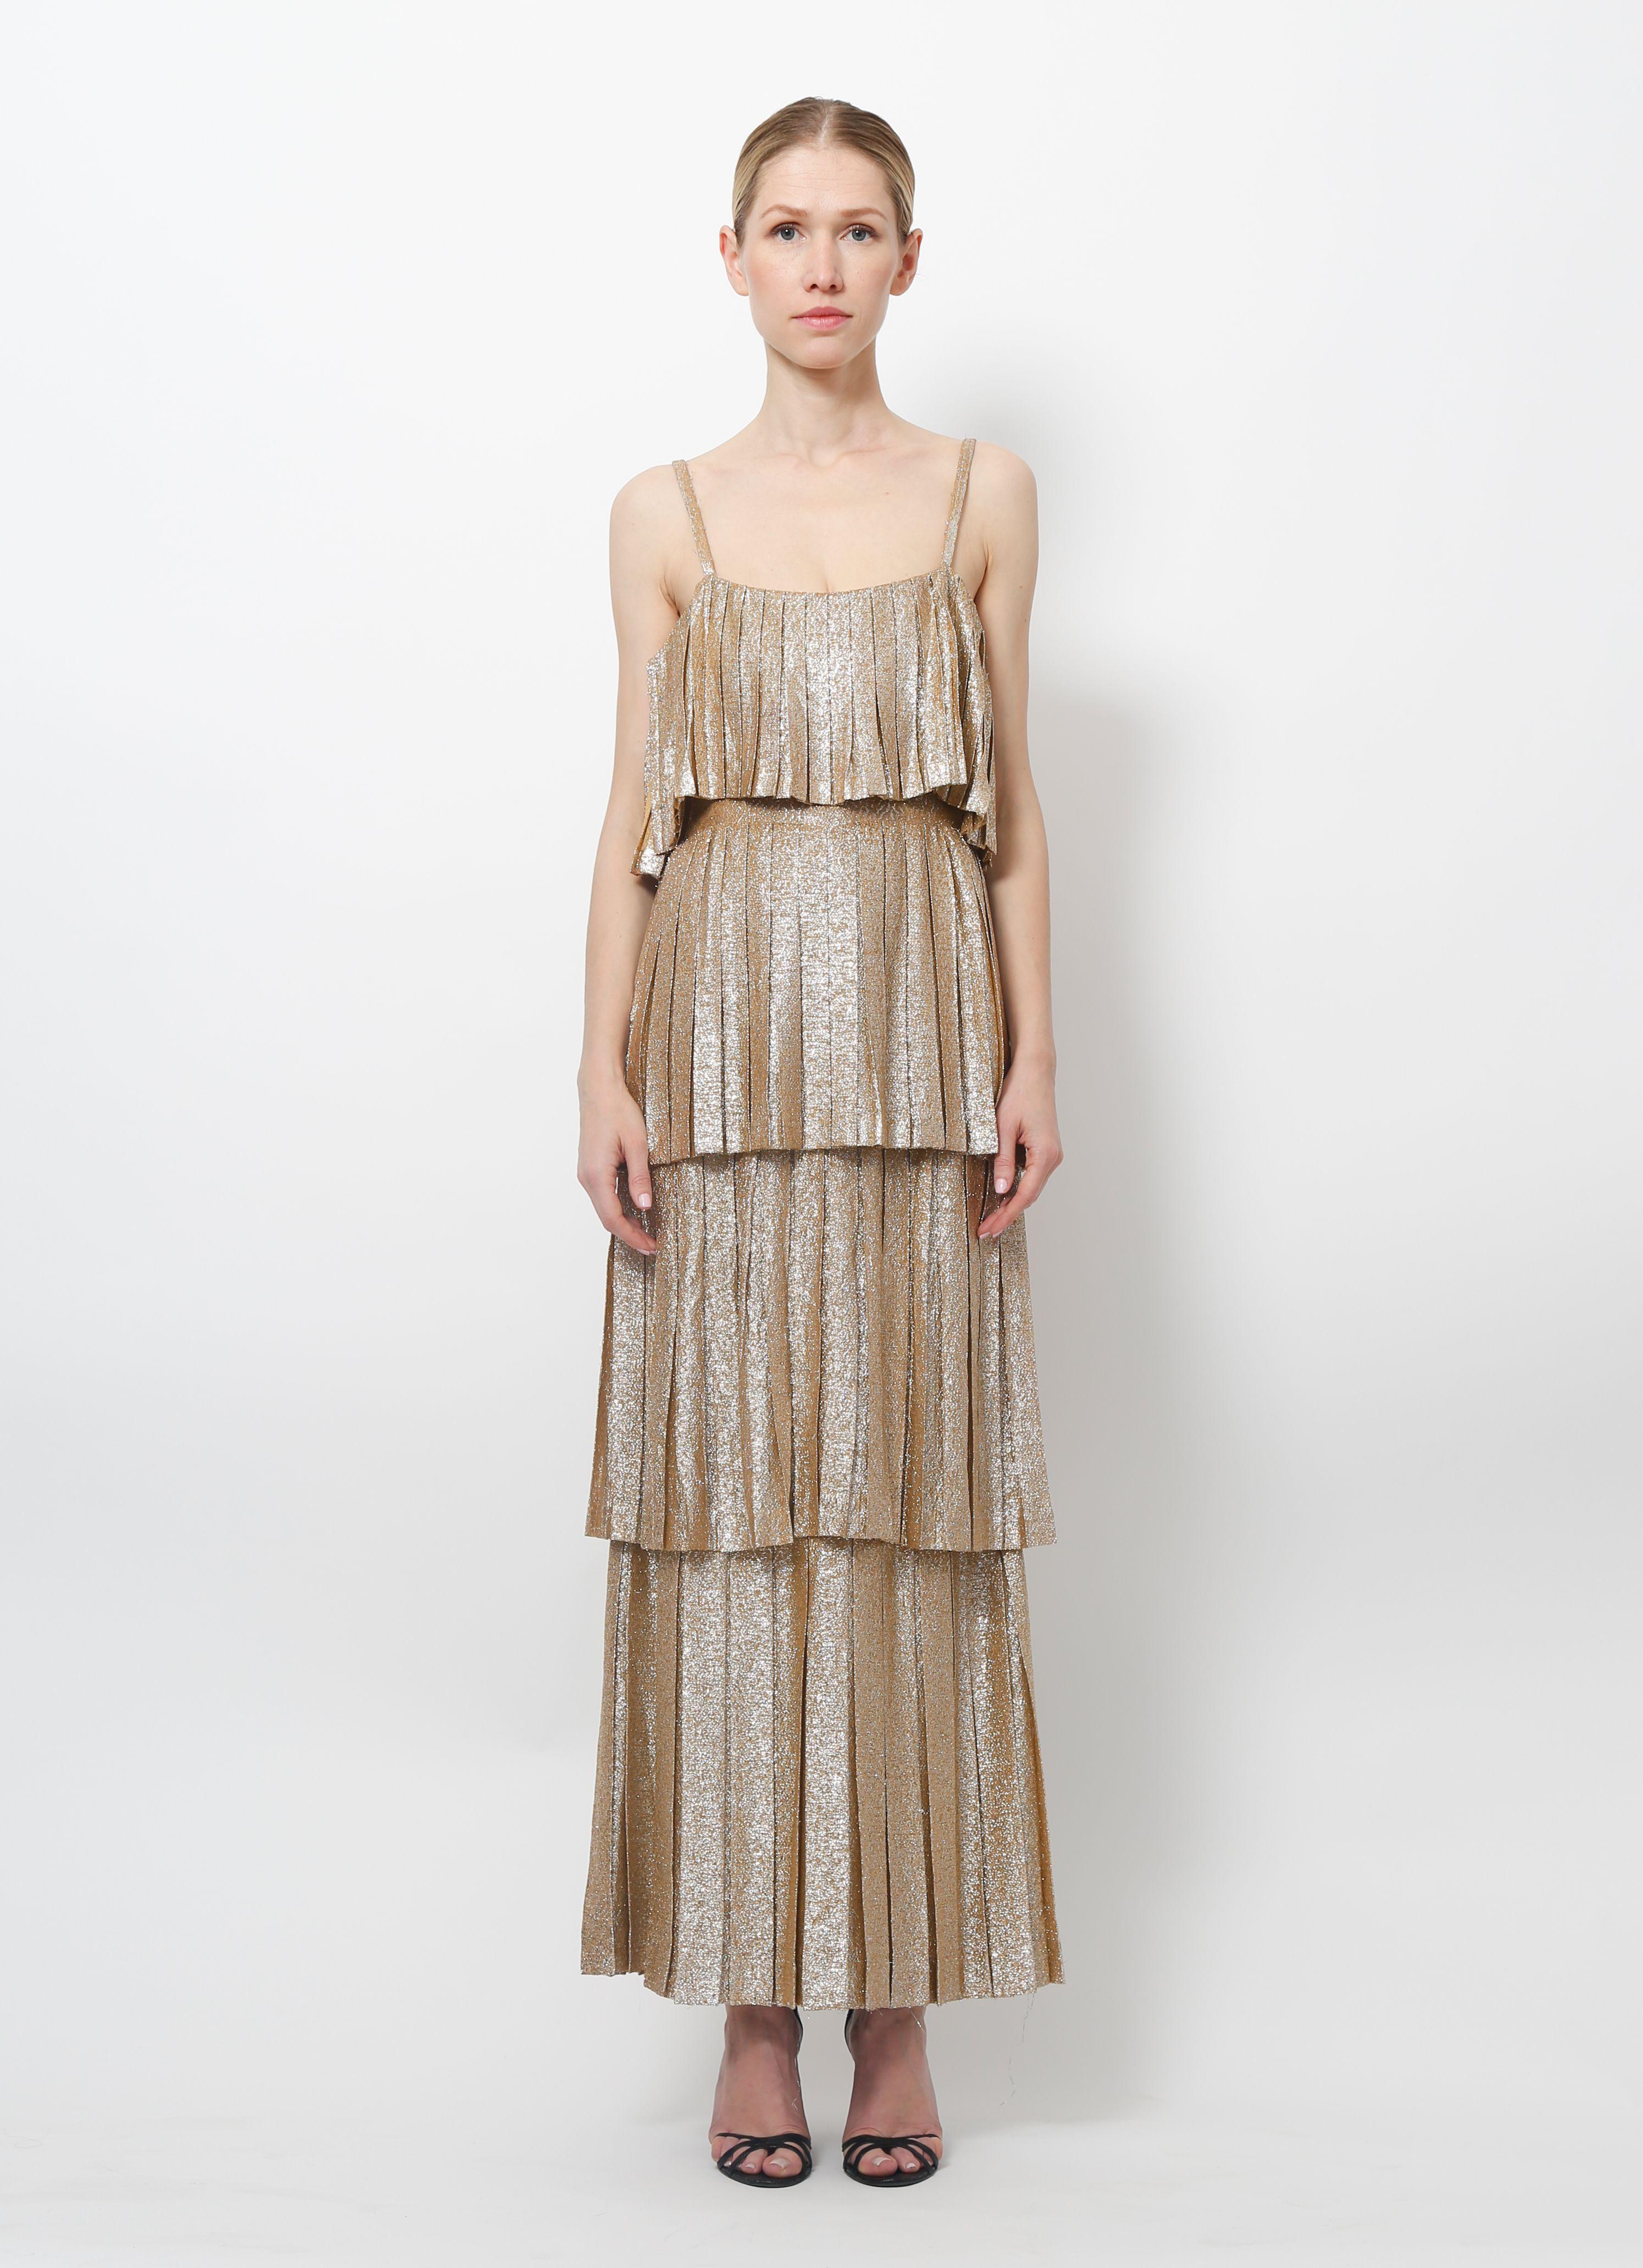 Lanvin 70 S Metallic Tiered Dress Resee Dresses 70s Dress Tiered Dress [ 4127 x 2990 Pixel ]